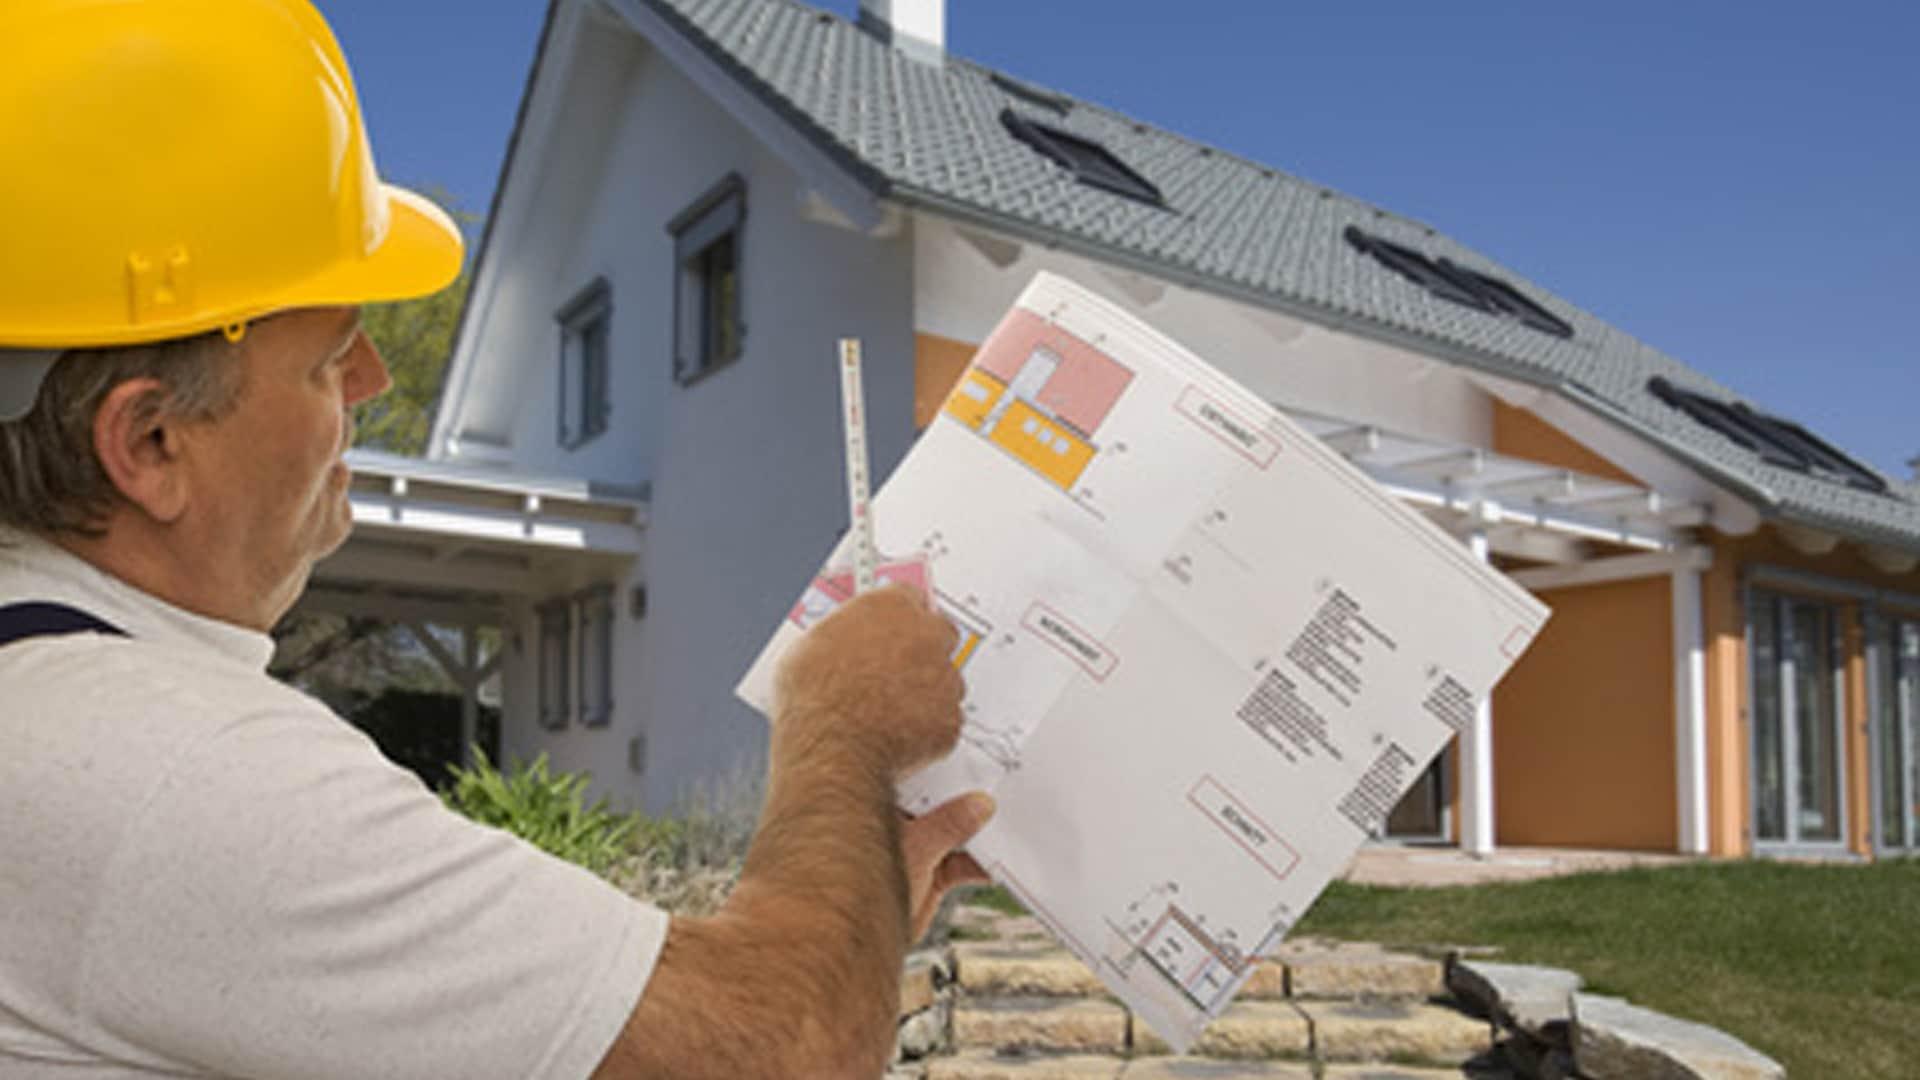 Der Moment der Wahrheit - die Bauabnahme Ihres Eigenheims.